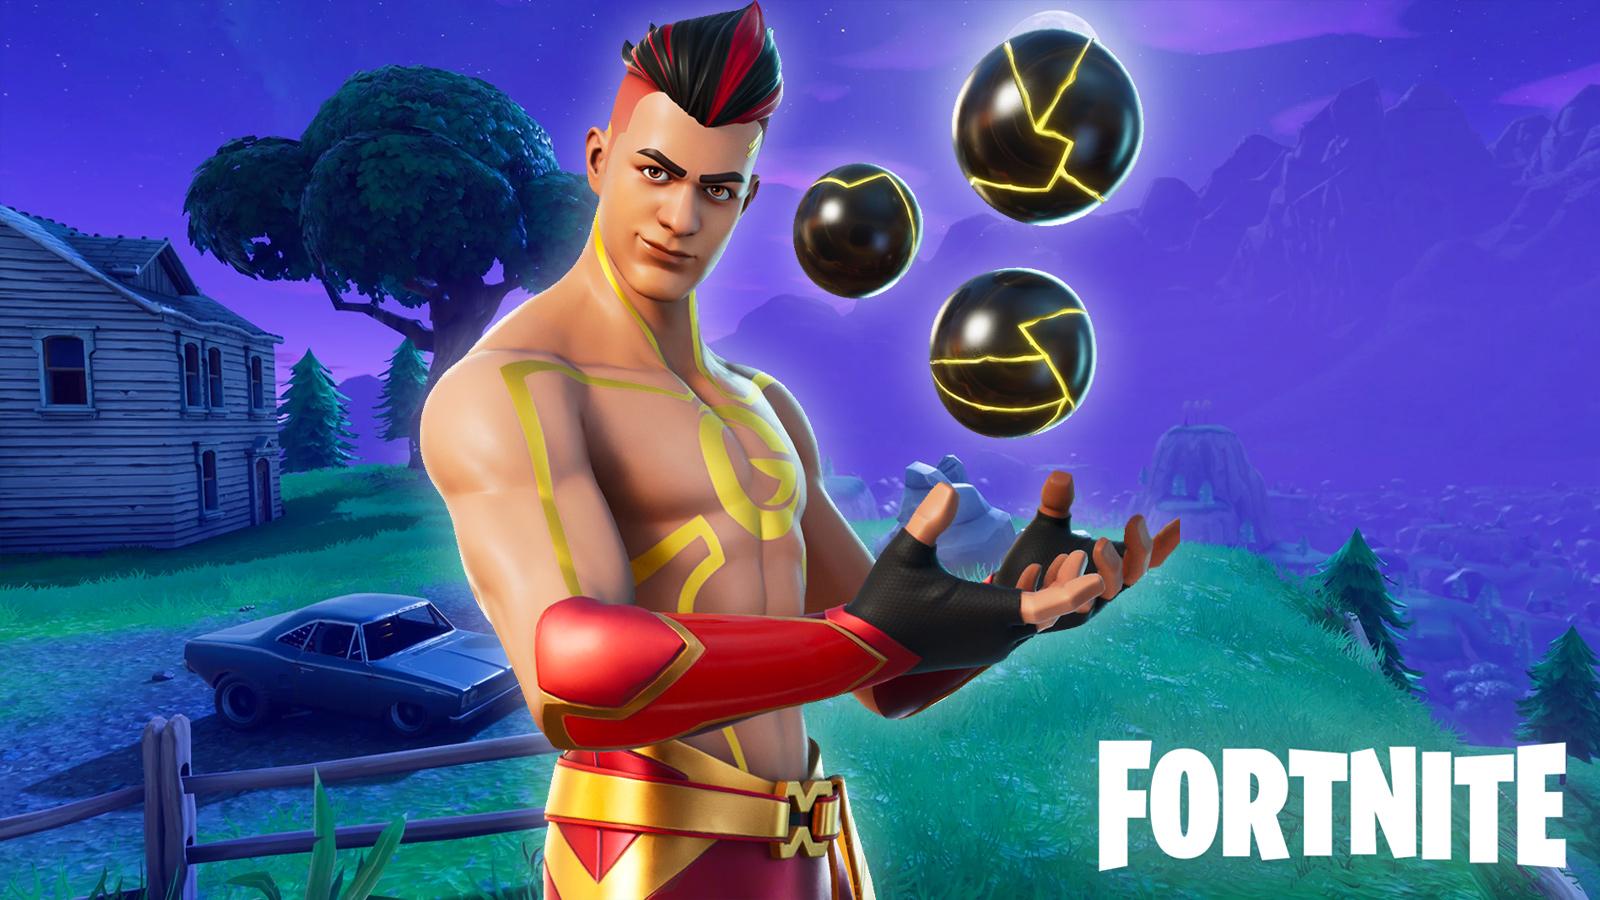 Fortnite TheGrefg skin